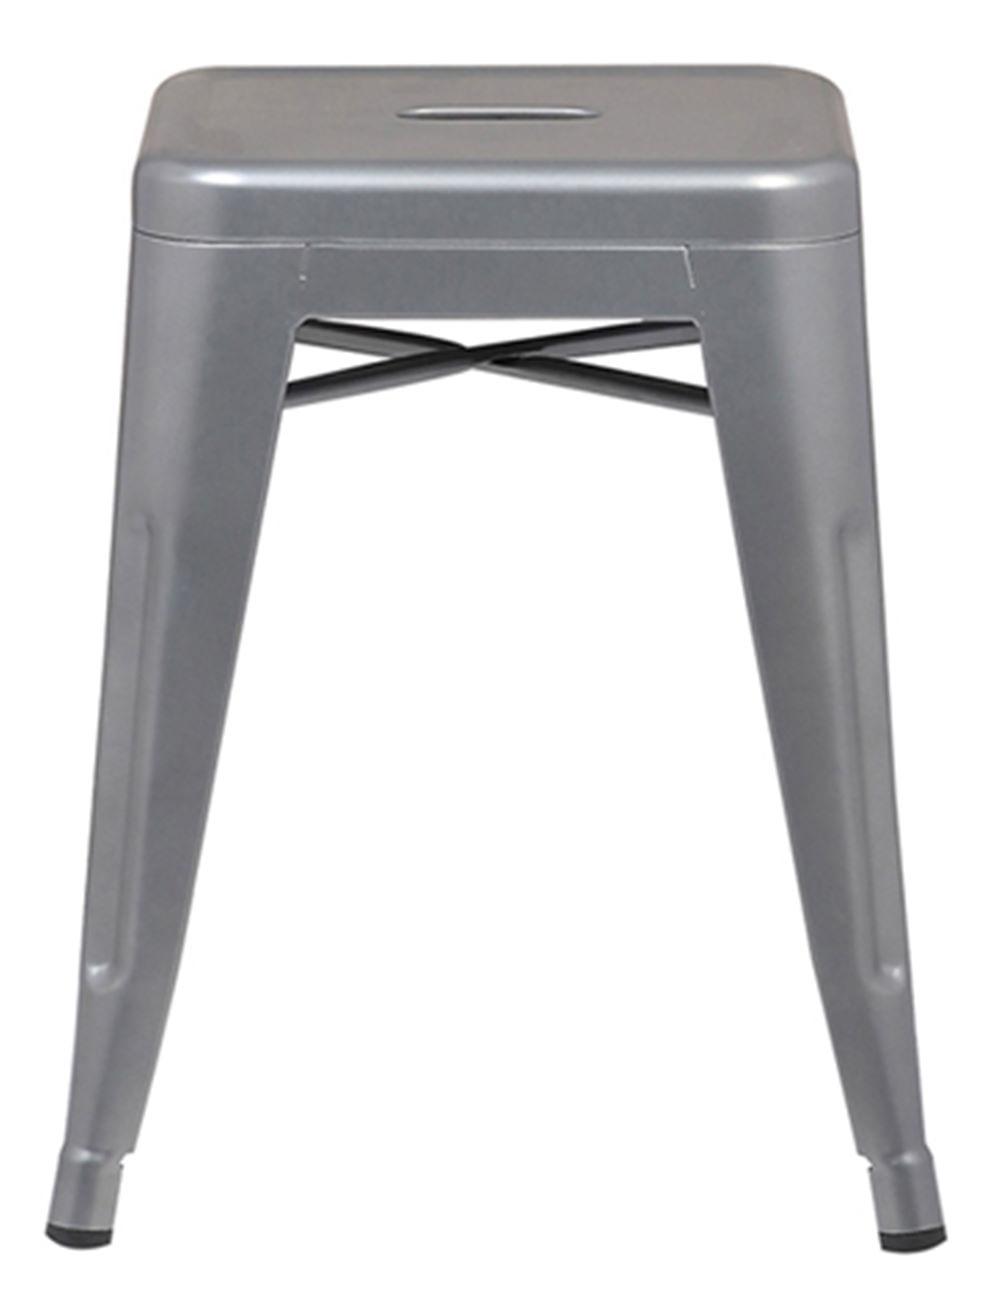 Banqueta Iron Baixa Cor Cinza 46 cm (ALT) - 37990